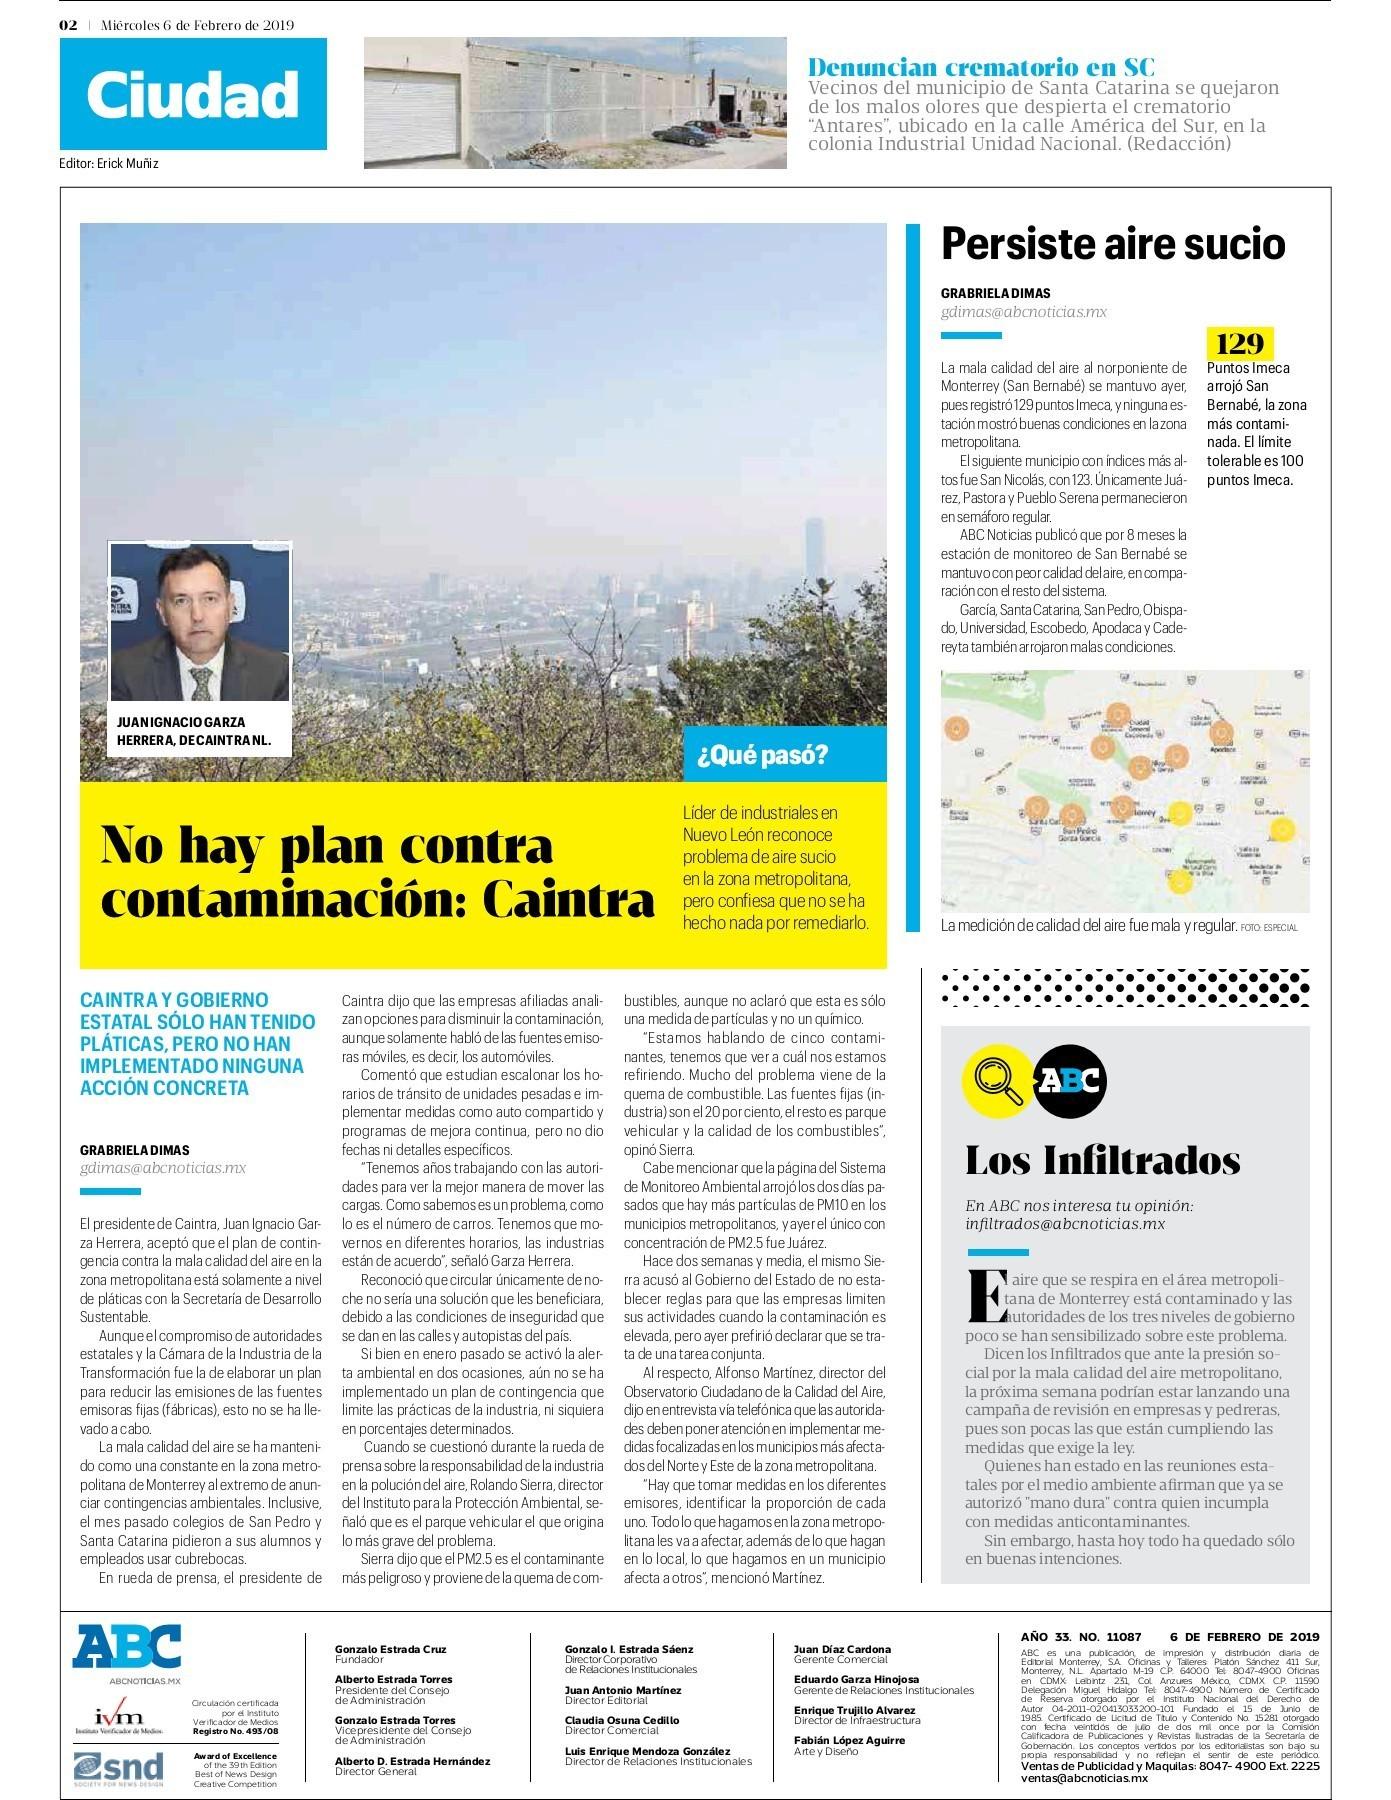 Peri³dico ABC 6 de Febrero de 2019 Pages 1 16 Text Version